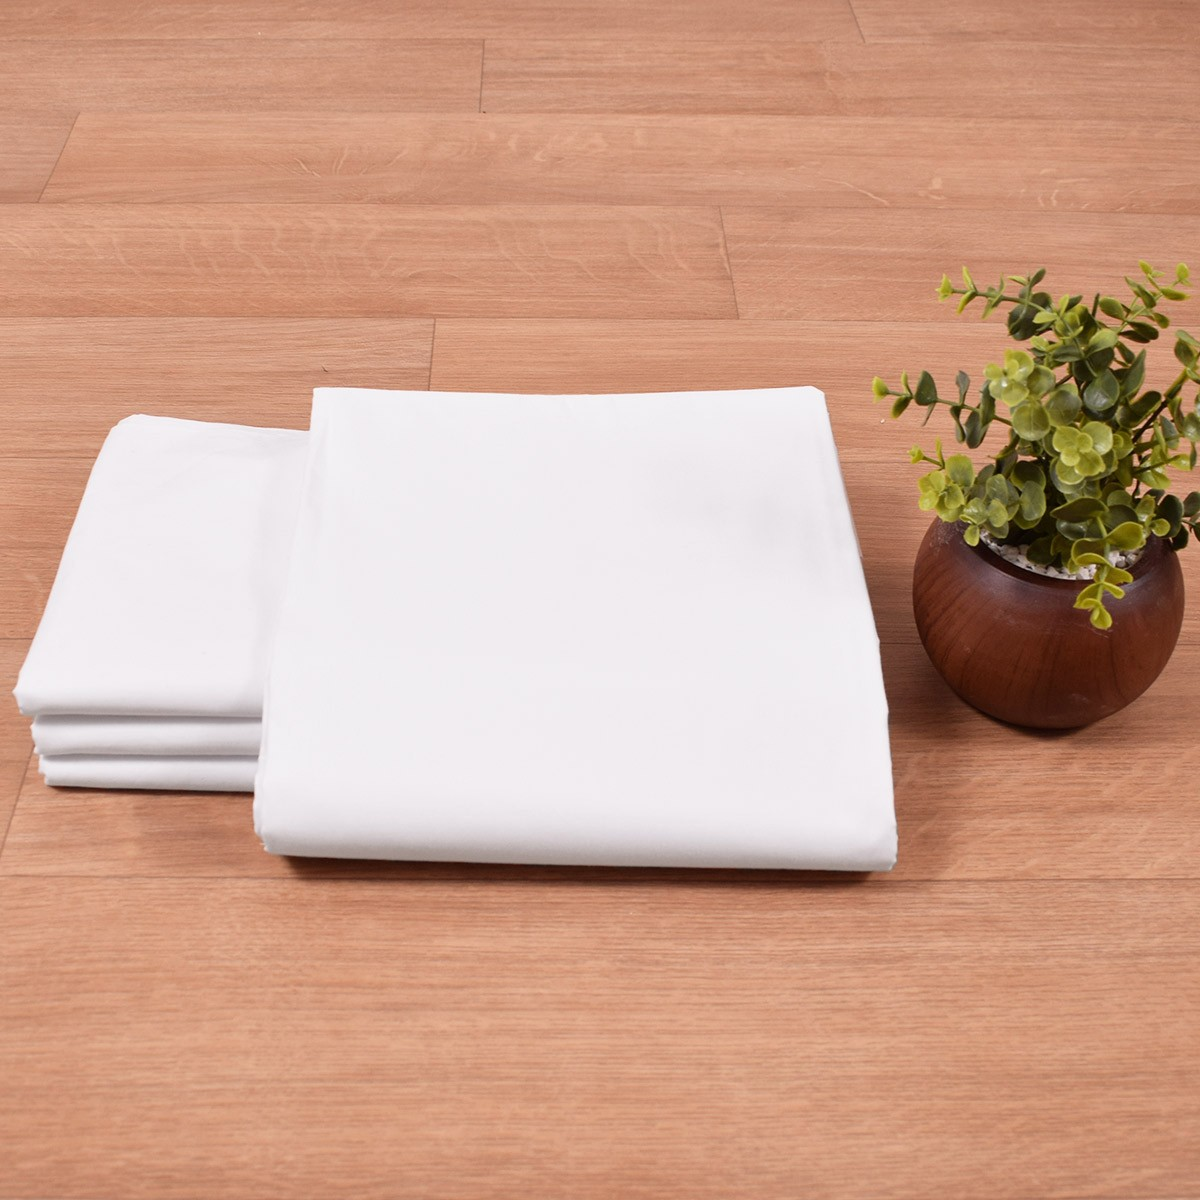 Σεντόνι (240x280) 60%Βαμβάκι 40%Polyester T220 home   επαγγελματικός εξοπλισμός   ξενοδοχειακός εξοπλισμός   σεντόνια ξενοδοχεί